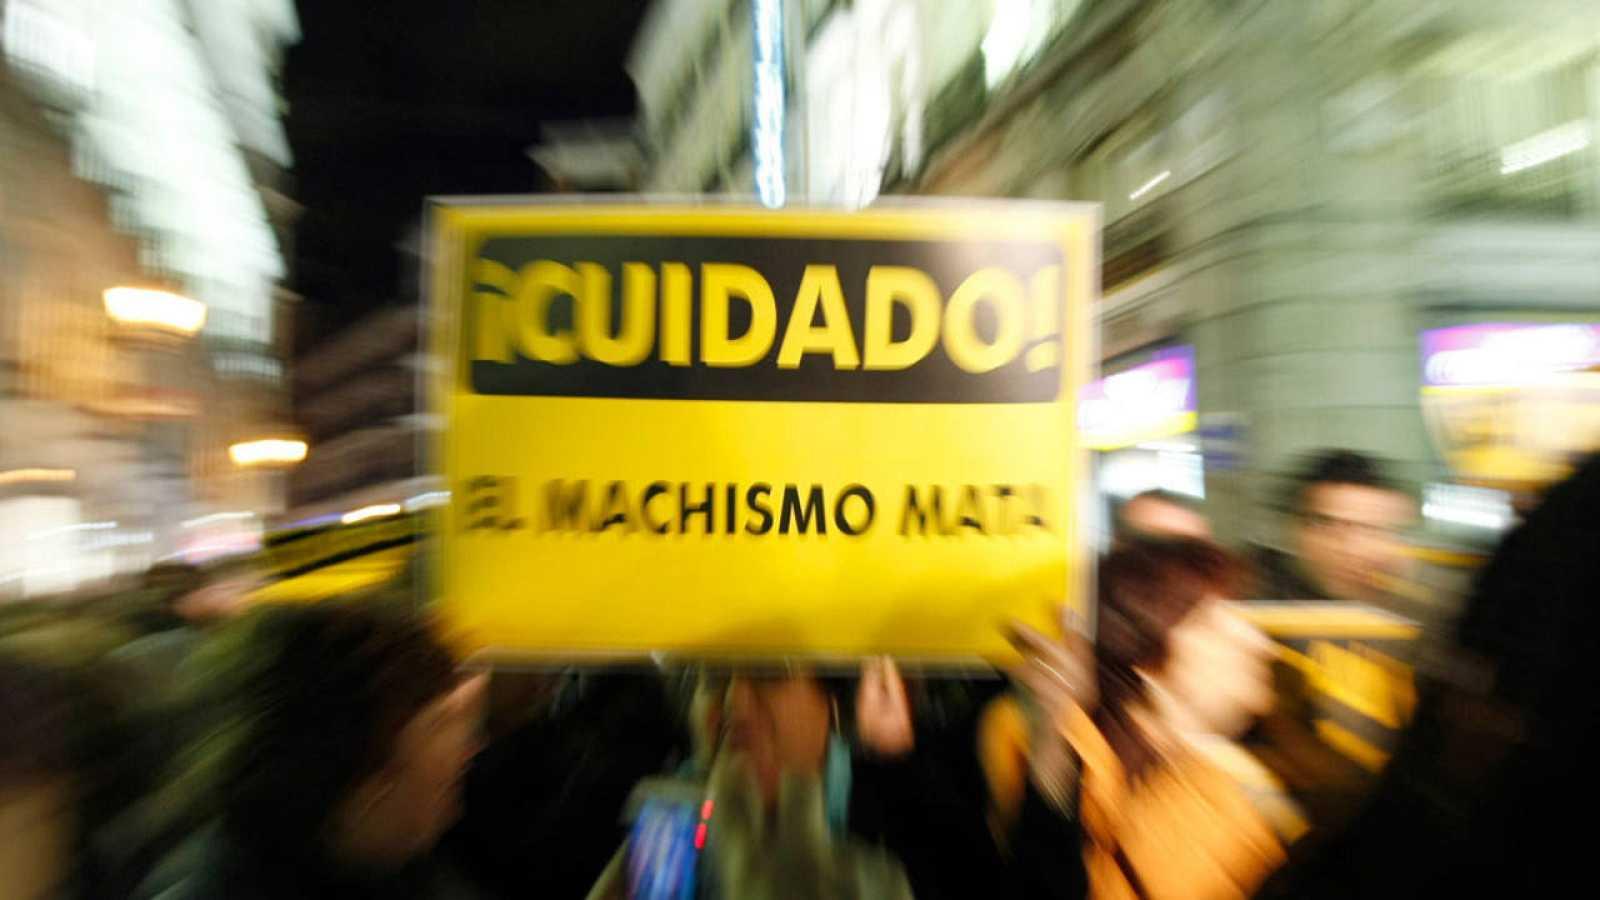 Imagen de una manifestación en Madrid contra la violencia machista.